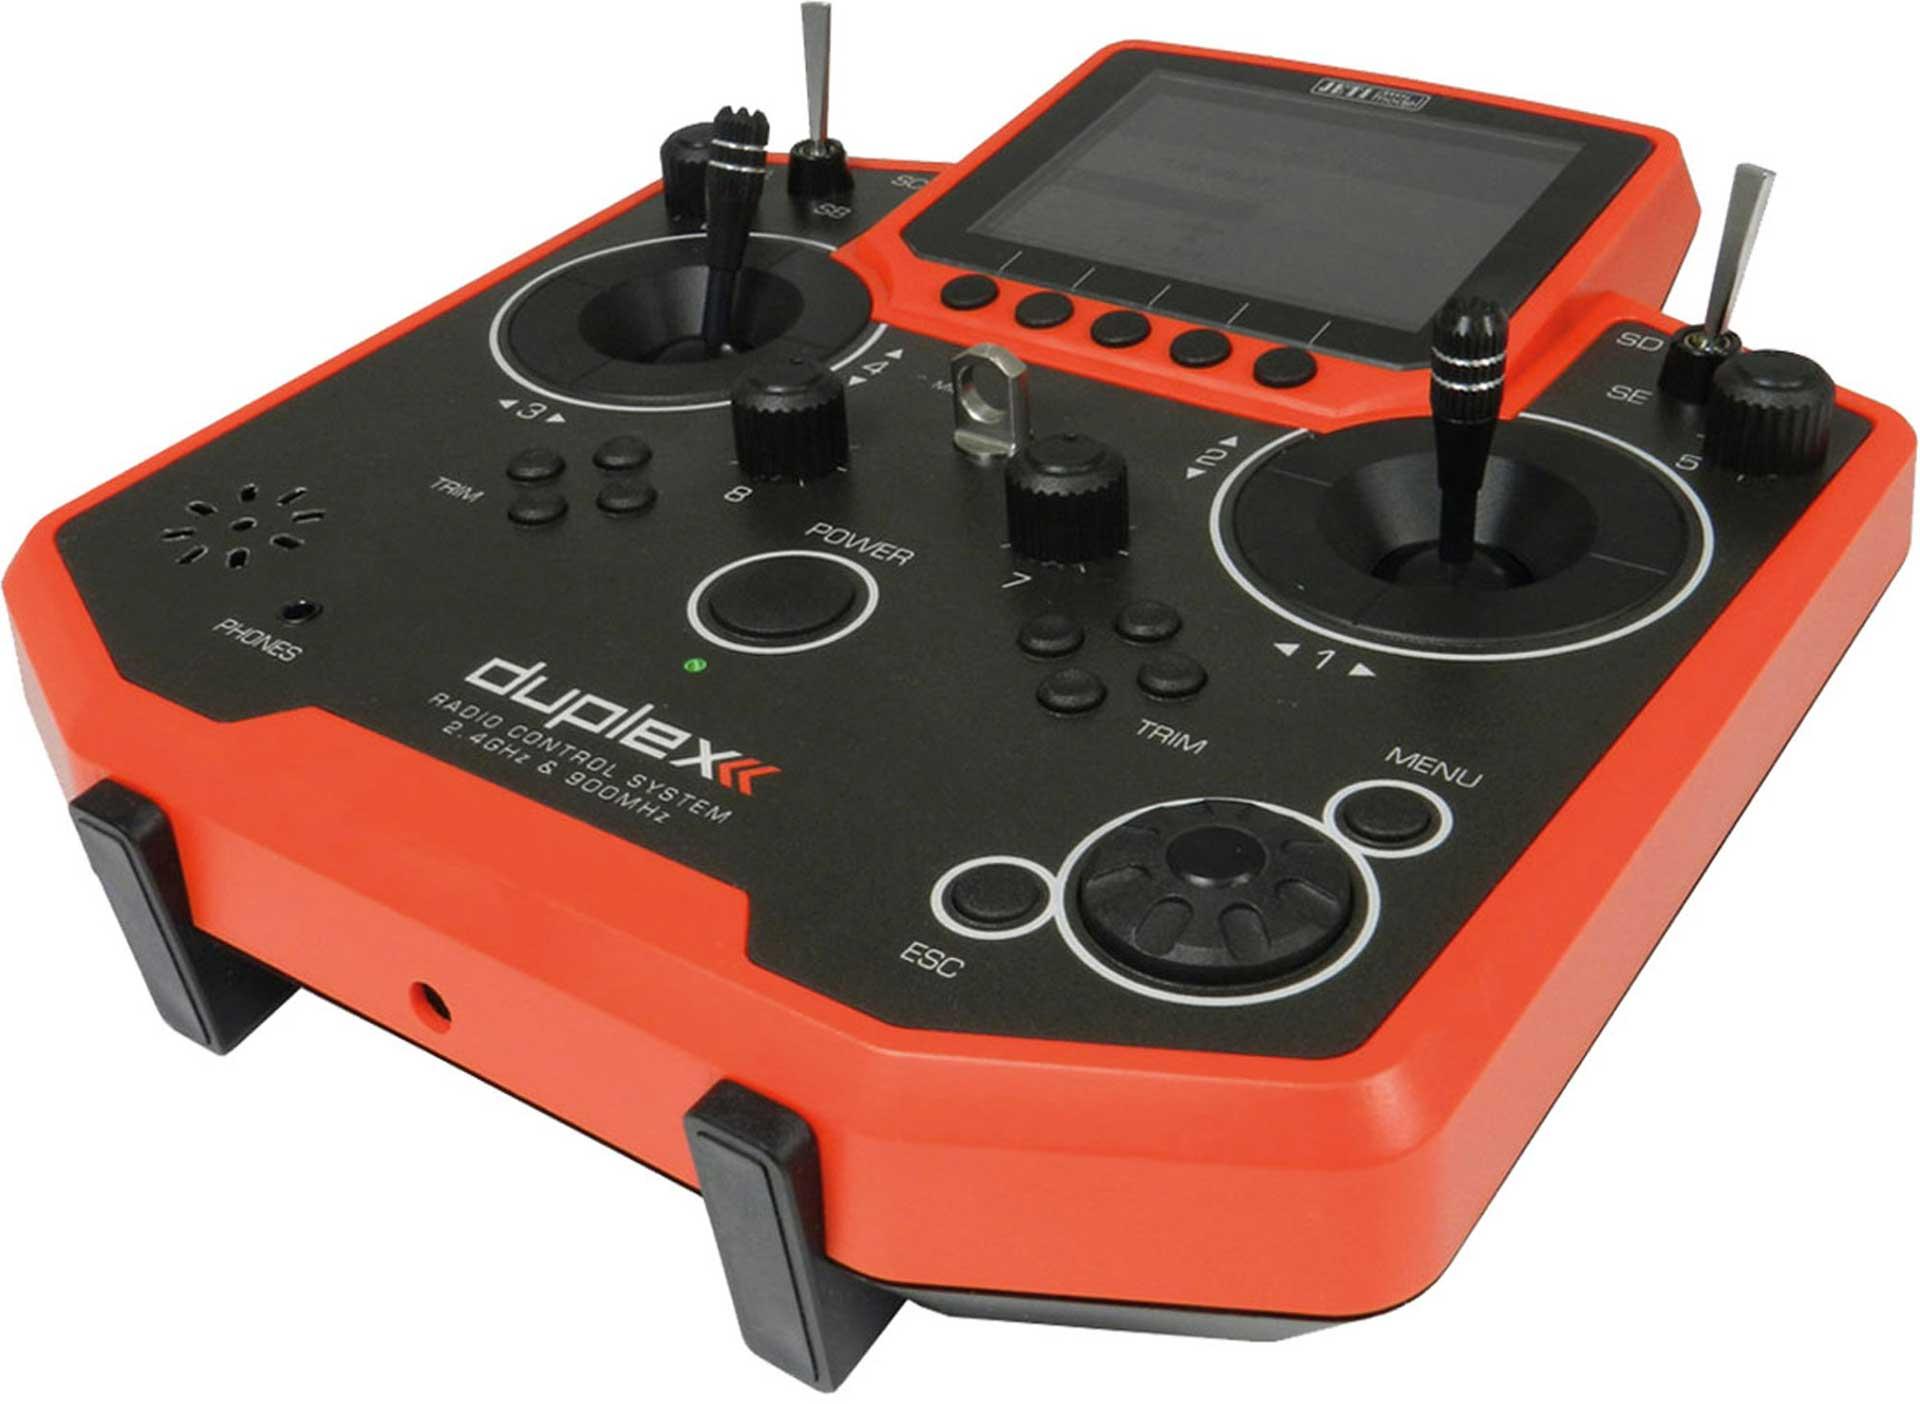 JETI DS-12 DUPLEX HANDSENDER ROT DUPLEX 2,4EX